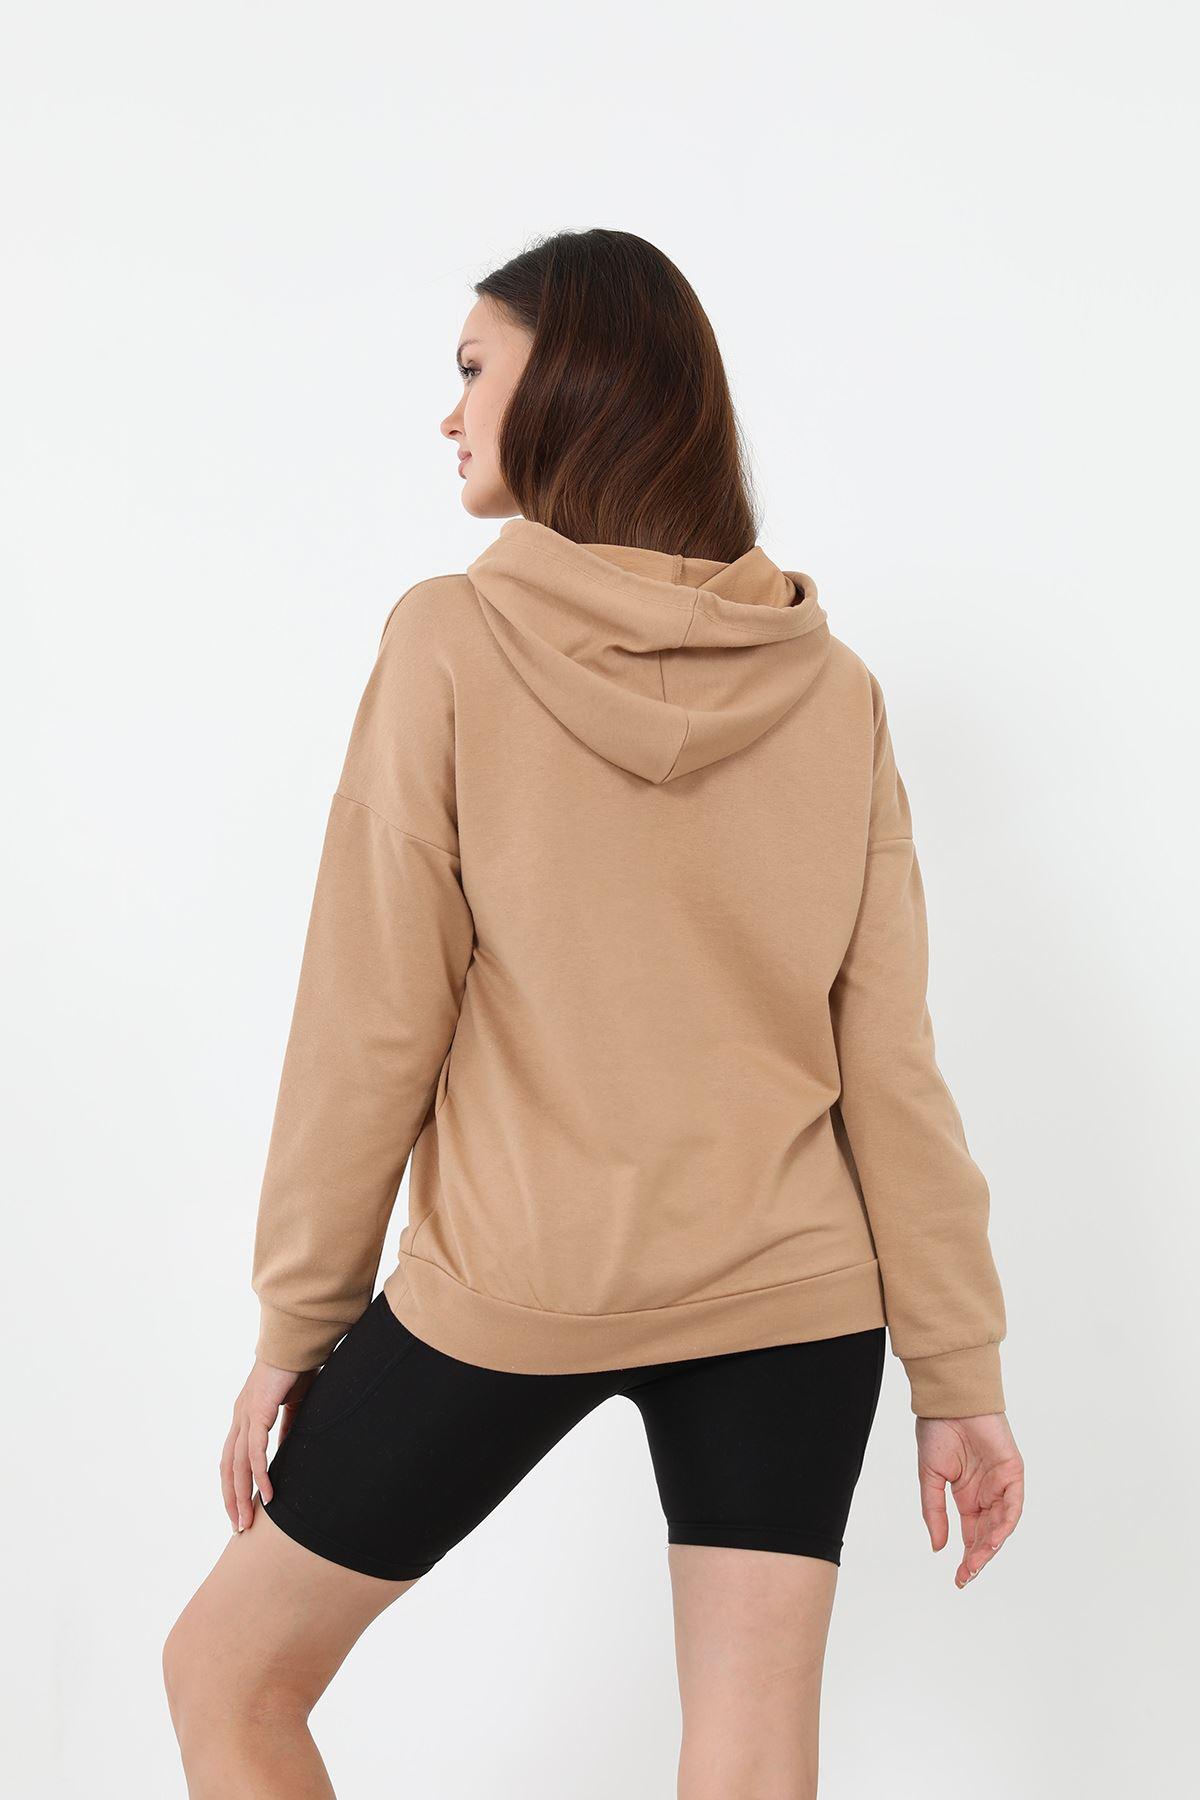 Los Angeles Sweatshirt-Camel